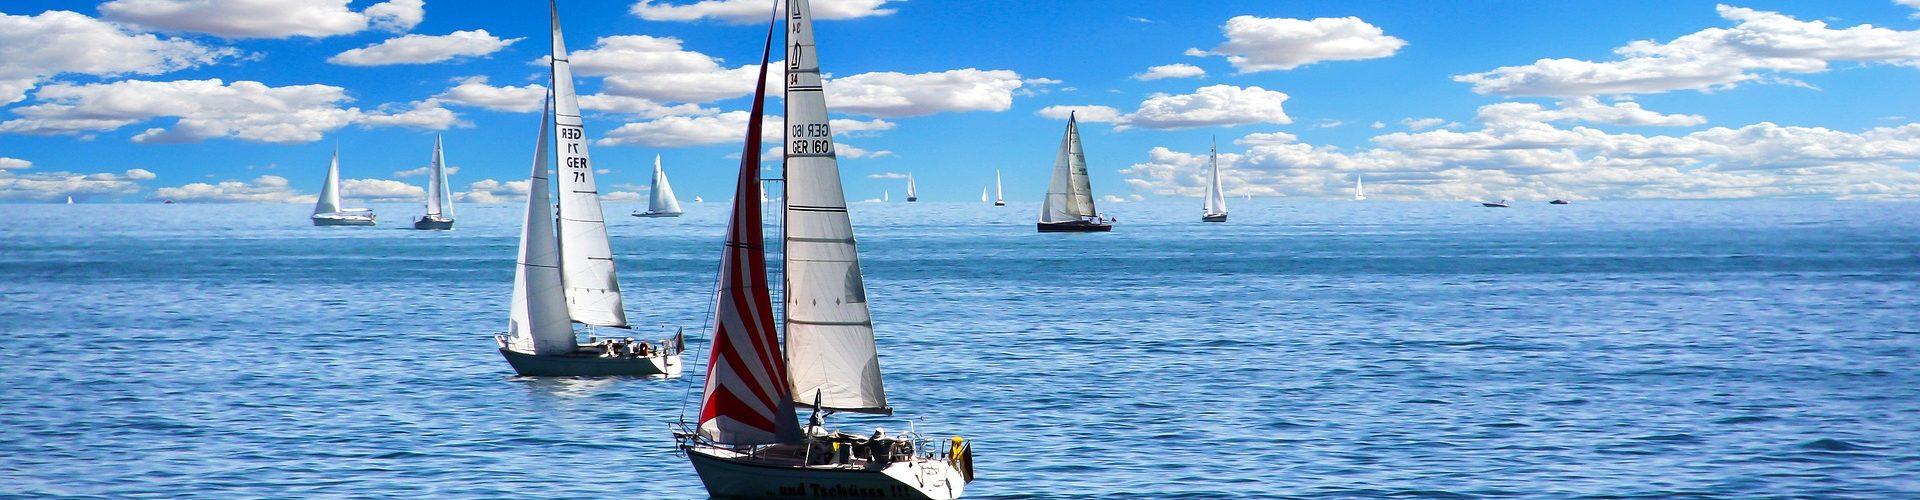 segeln lernen in Glowe segelschein machen in Glowe 1920x500 - Segeln lernen in Glowe